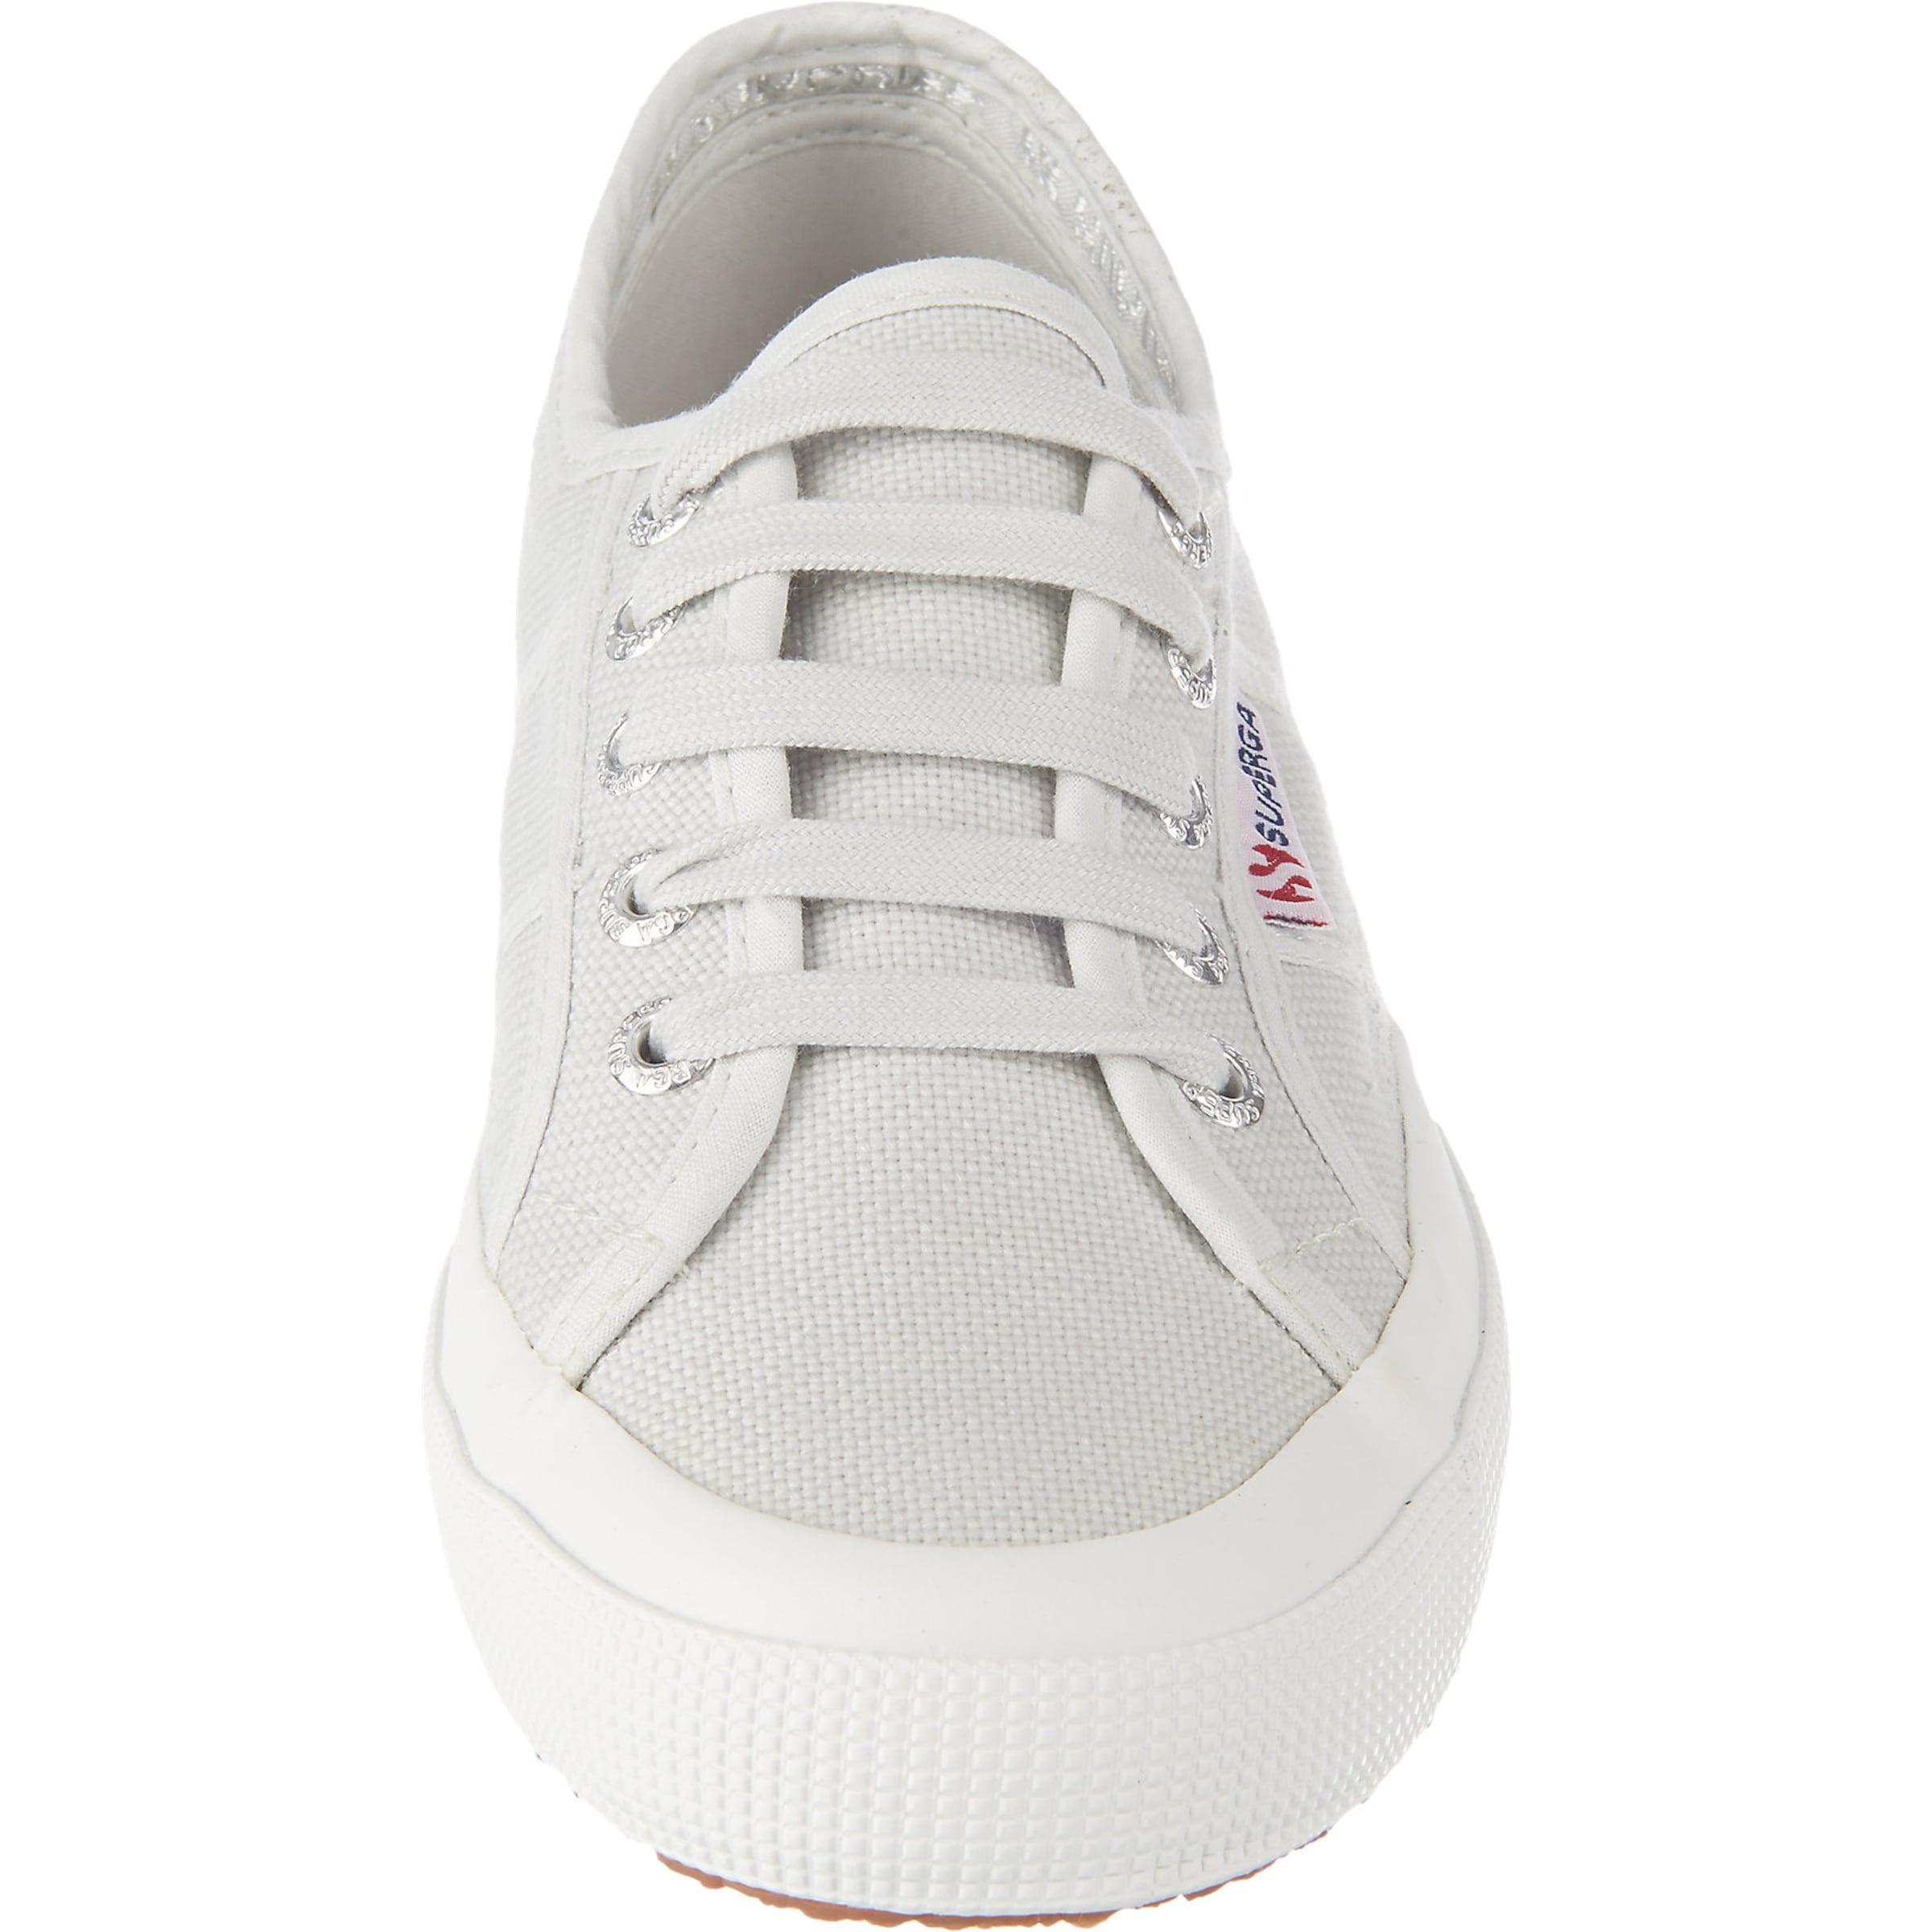 SUPERGA 2750-Cotu Classic Sneakers In Deutschland Günstig Online Rabatt Hohe Qualität 4w4q71v2y